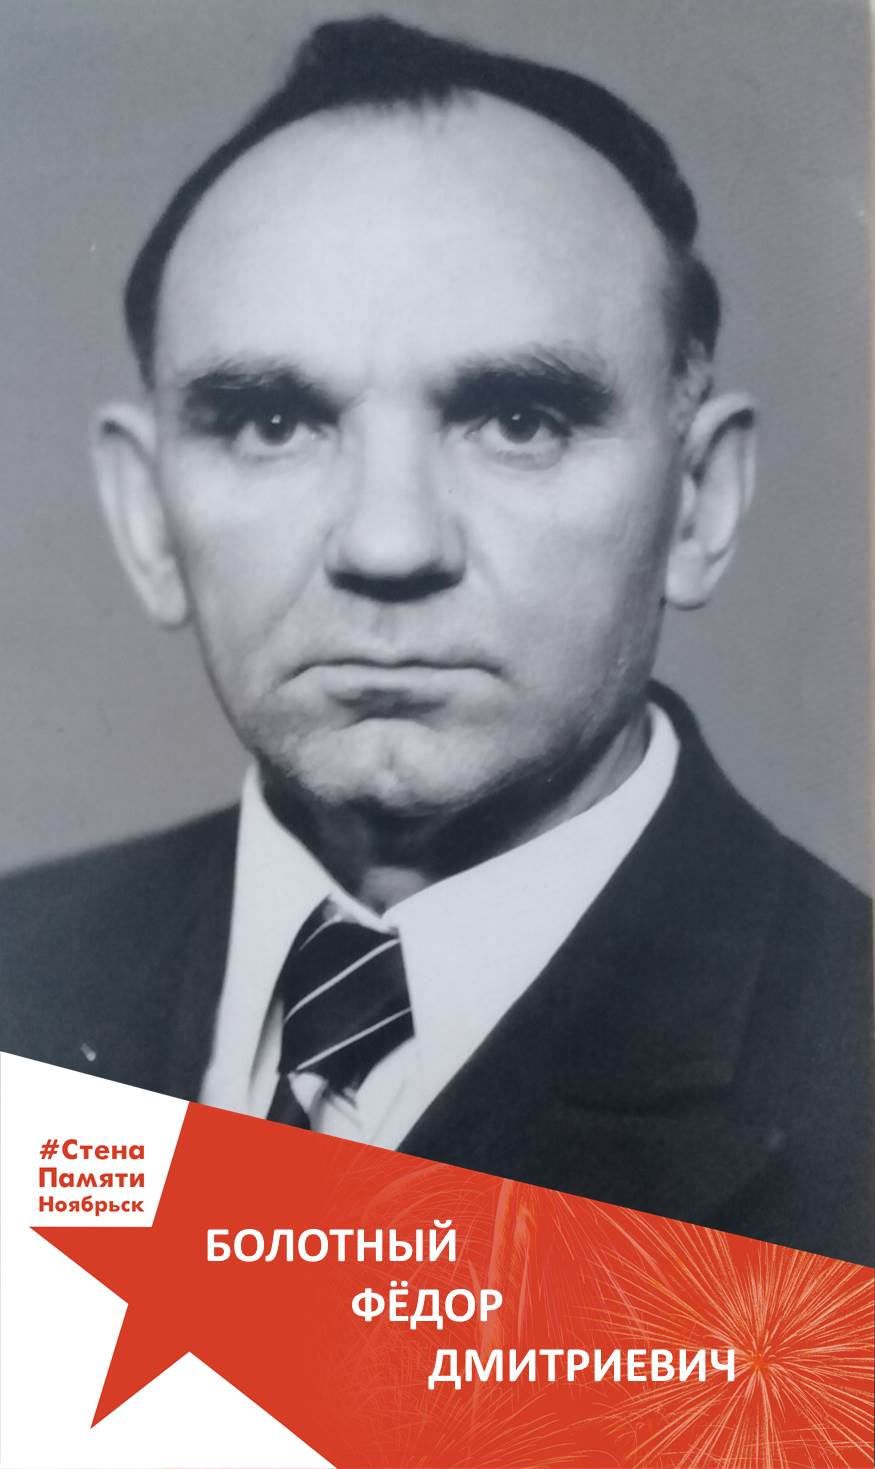 Болотный Фёдор Дмитриевич